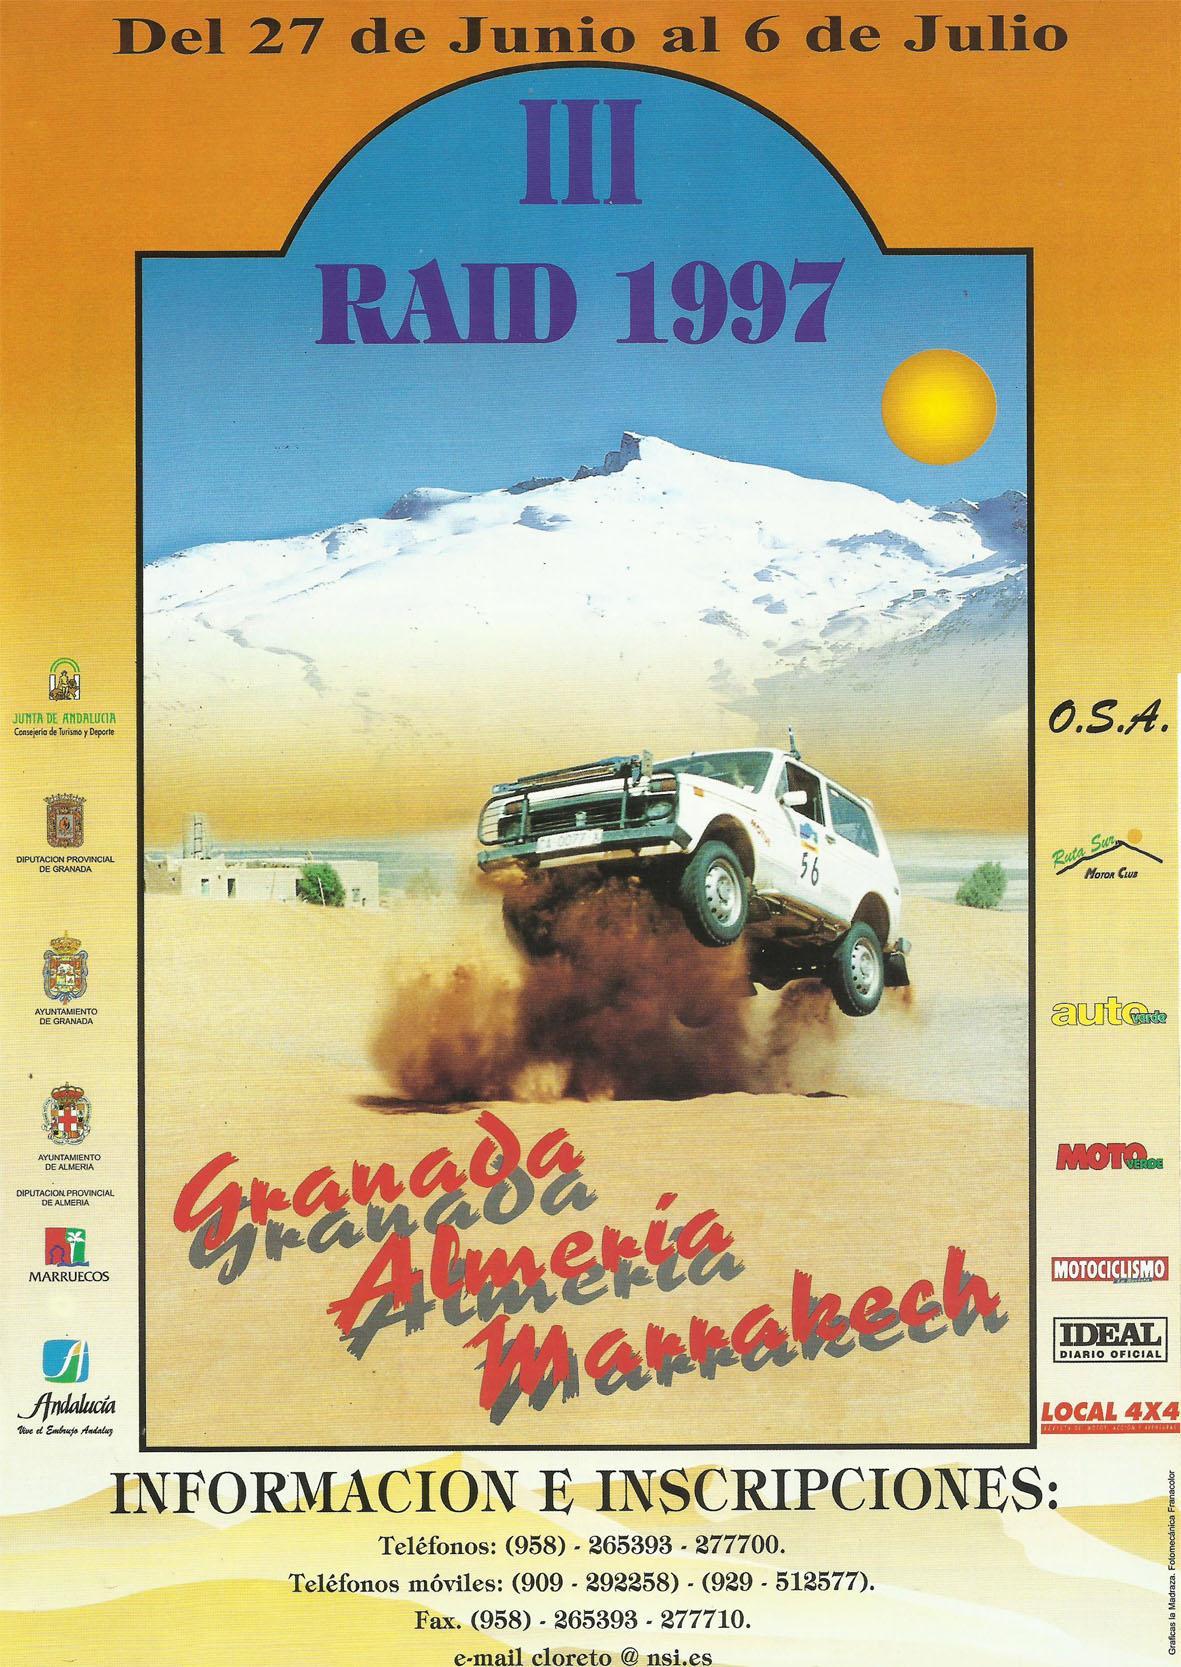 Revista Local 4x4 32 27 Publicidad Rallye Granada Almería Marrakech